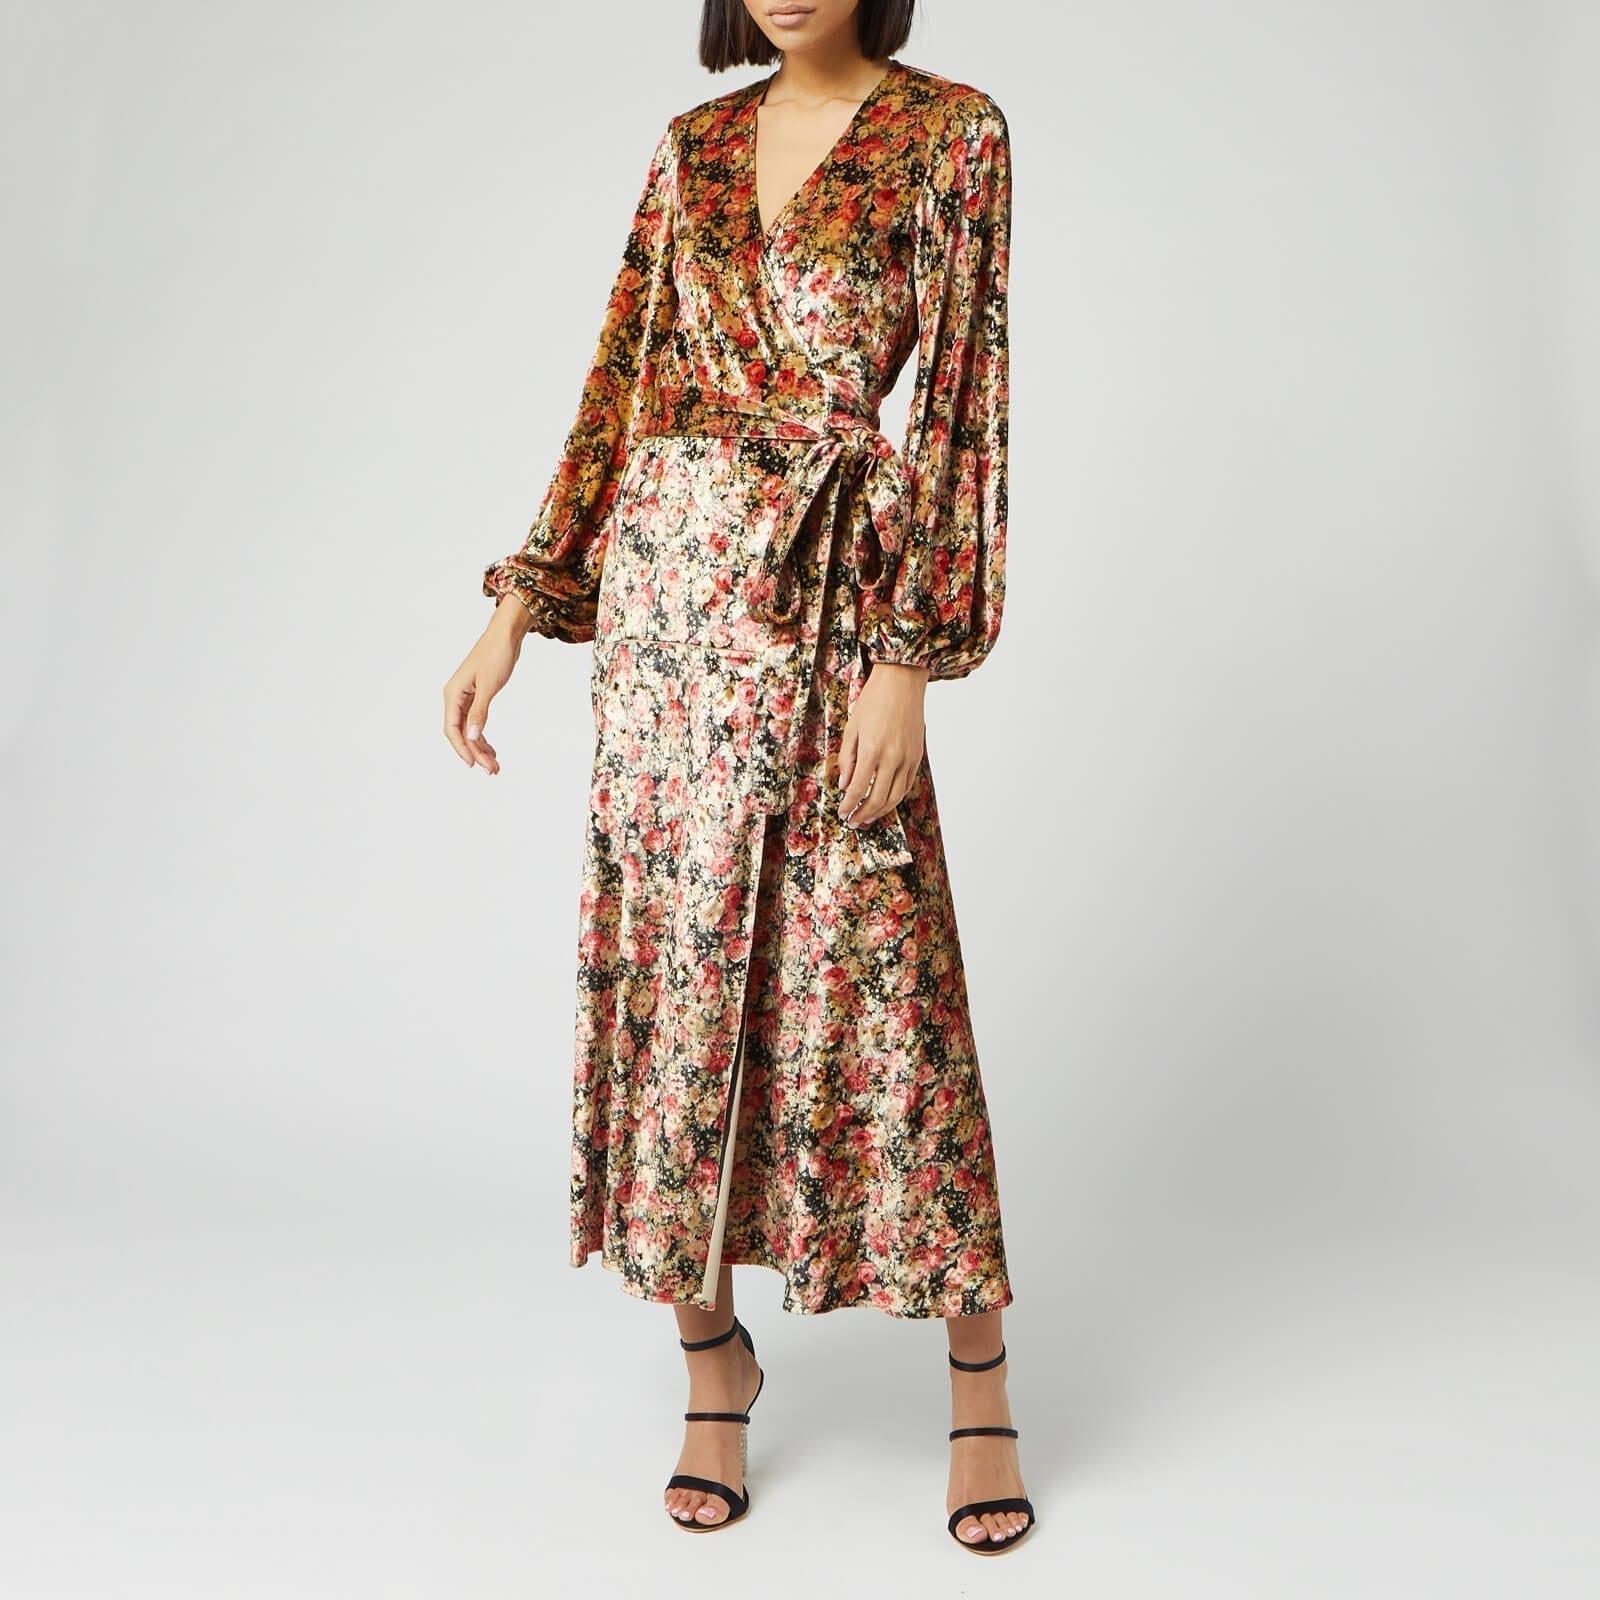 ROTATE BIRGER CHRISTENSEN Women's Beatrix Floral Dress